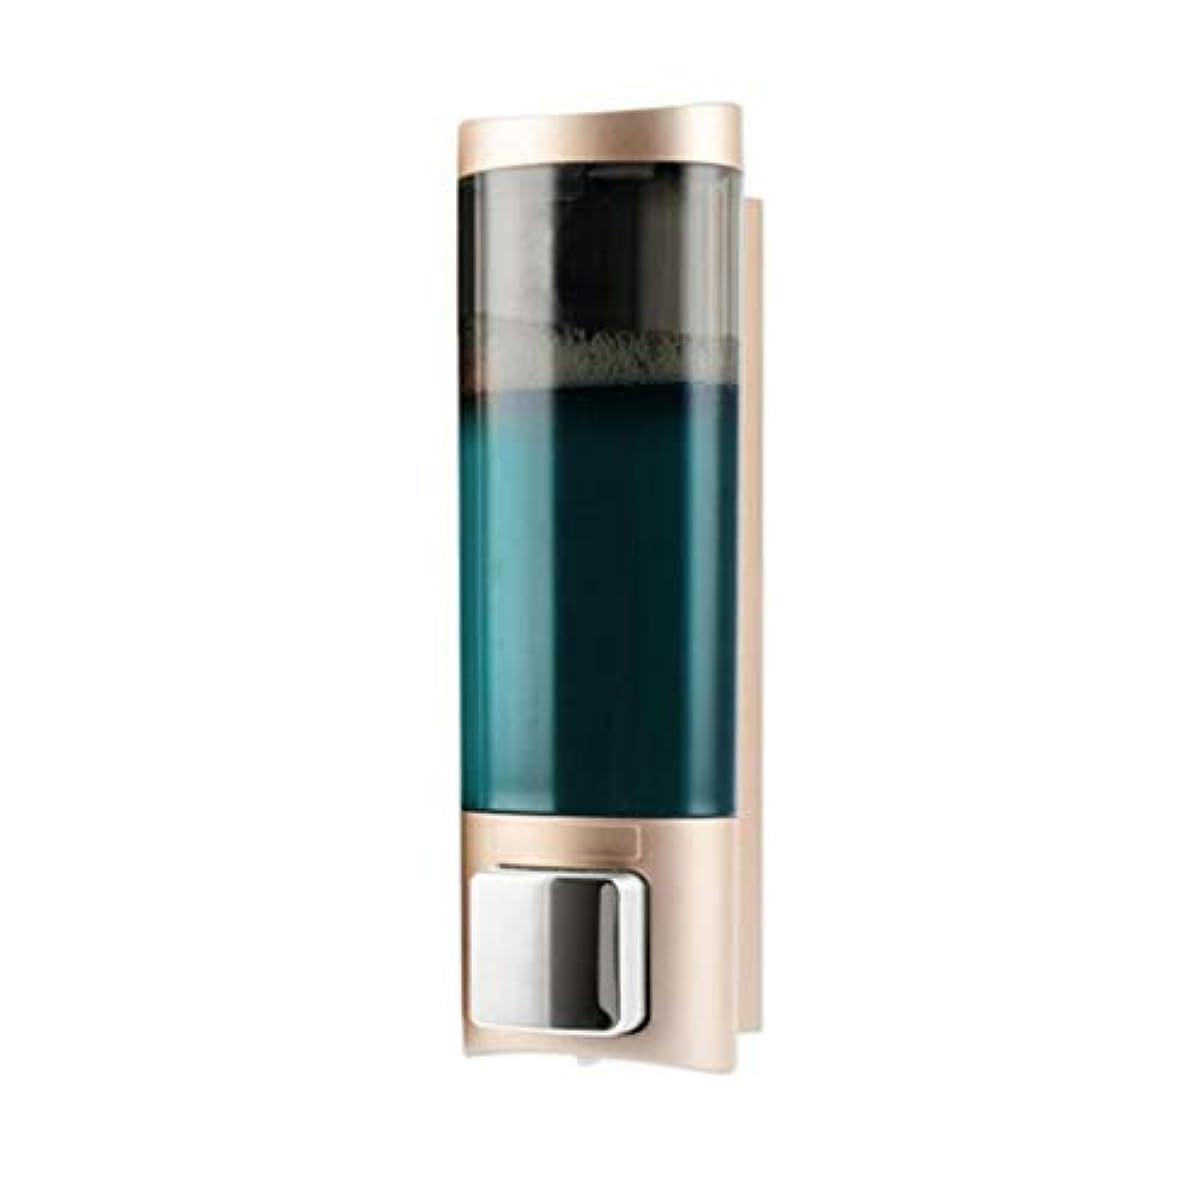 Kylinssh 液体石鹸ディスペンサーポンプ、浴室または台所、家のホテル - ステンレス鋼のために理想的な壁の台紙の石鹸/ローションディスペンサーポンプ